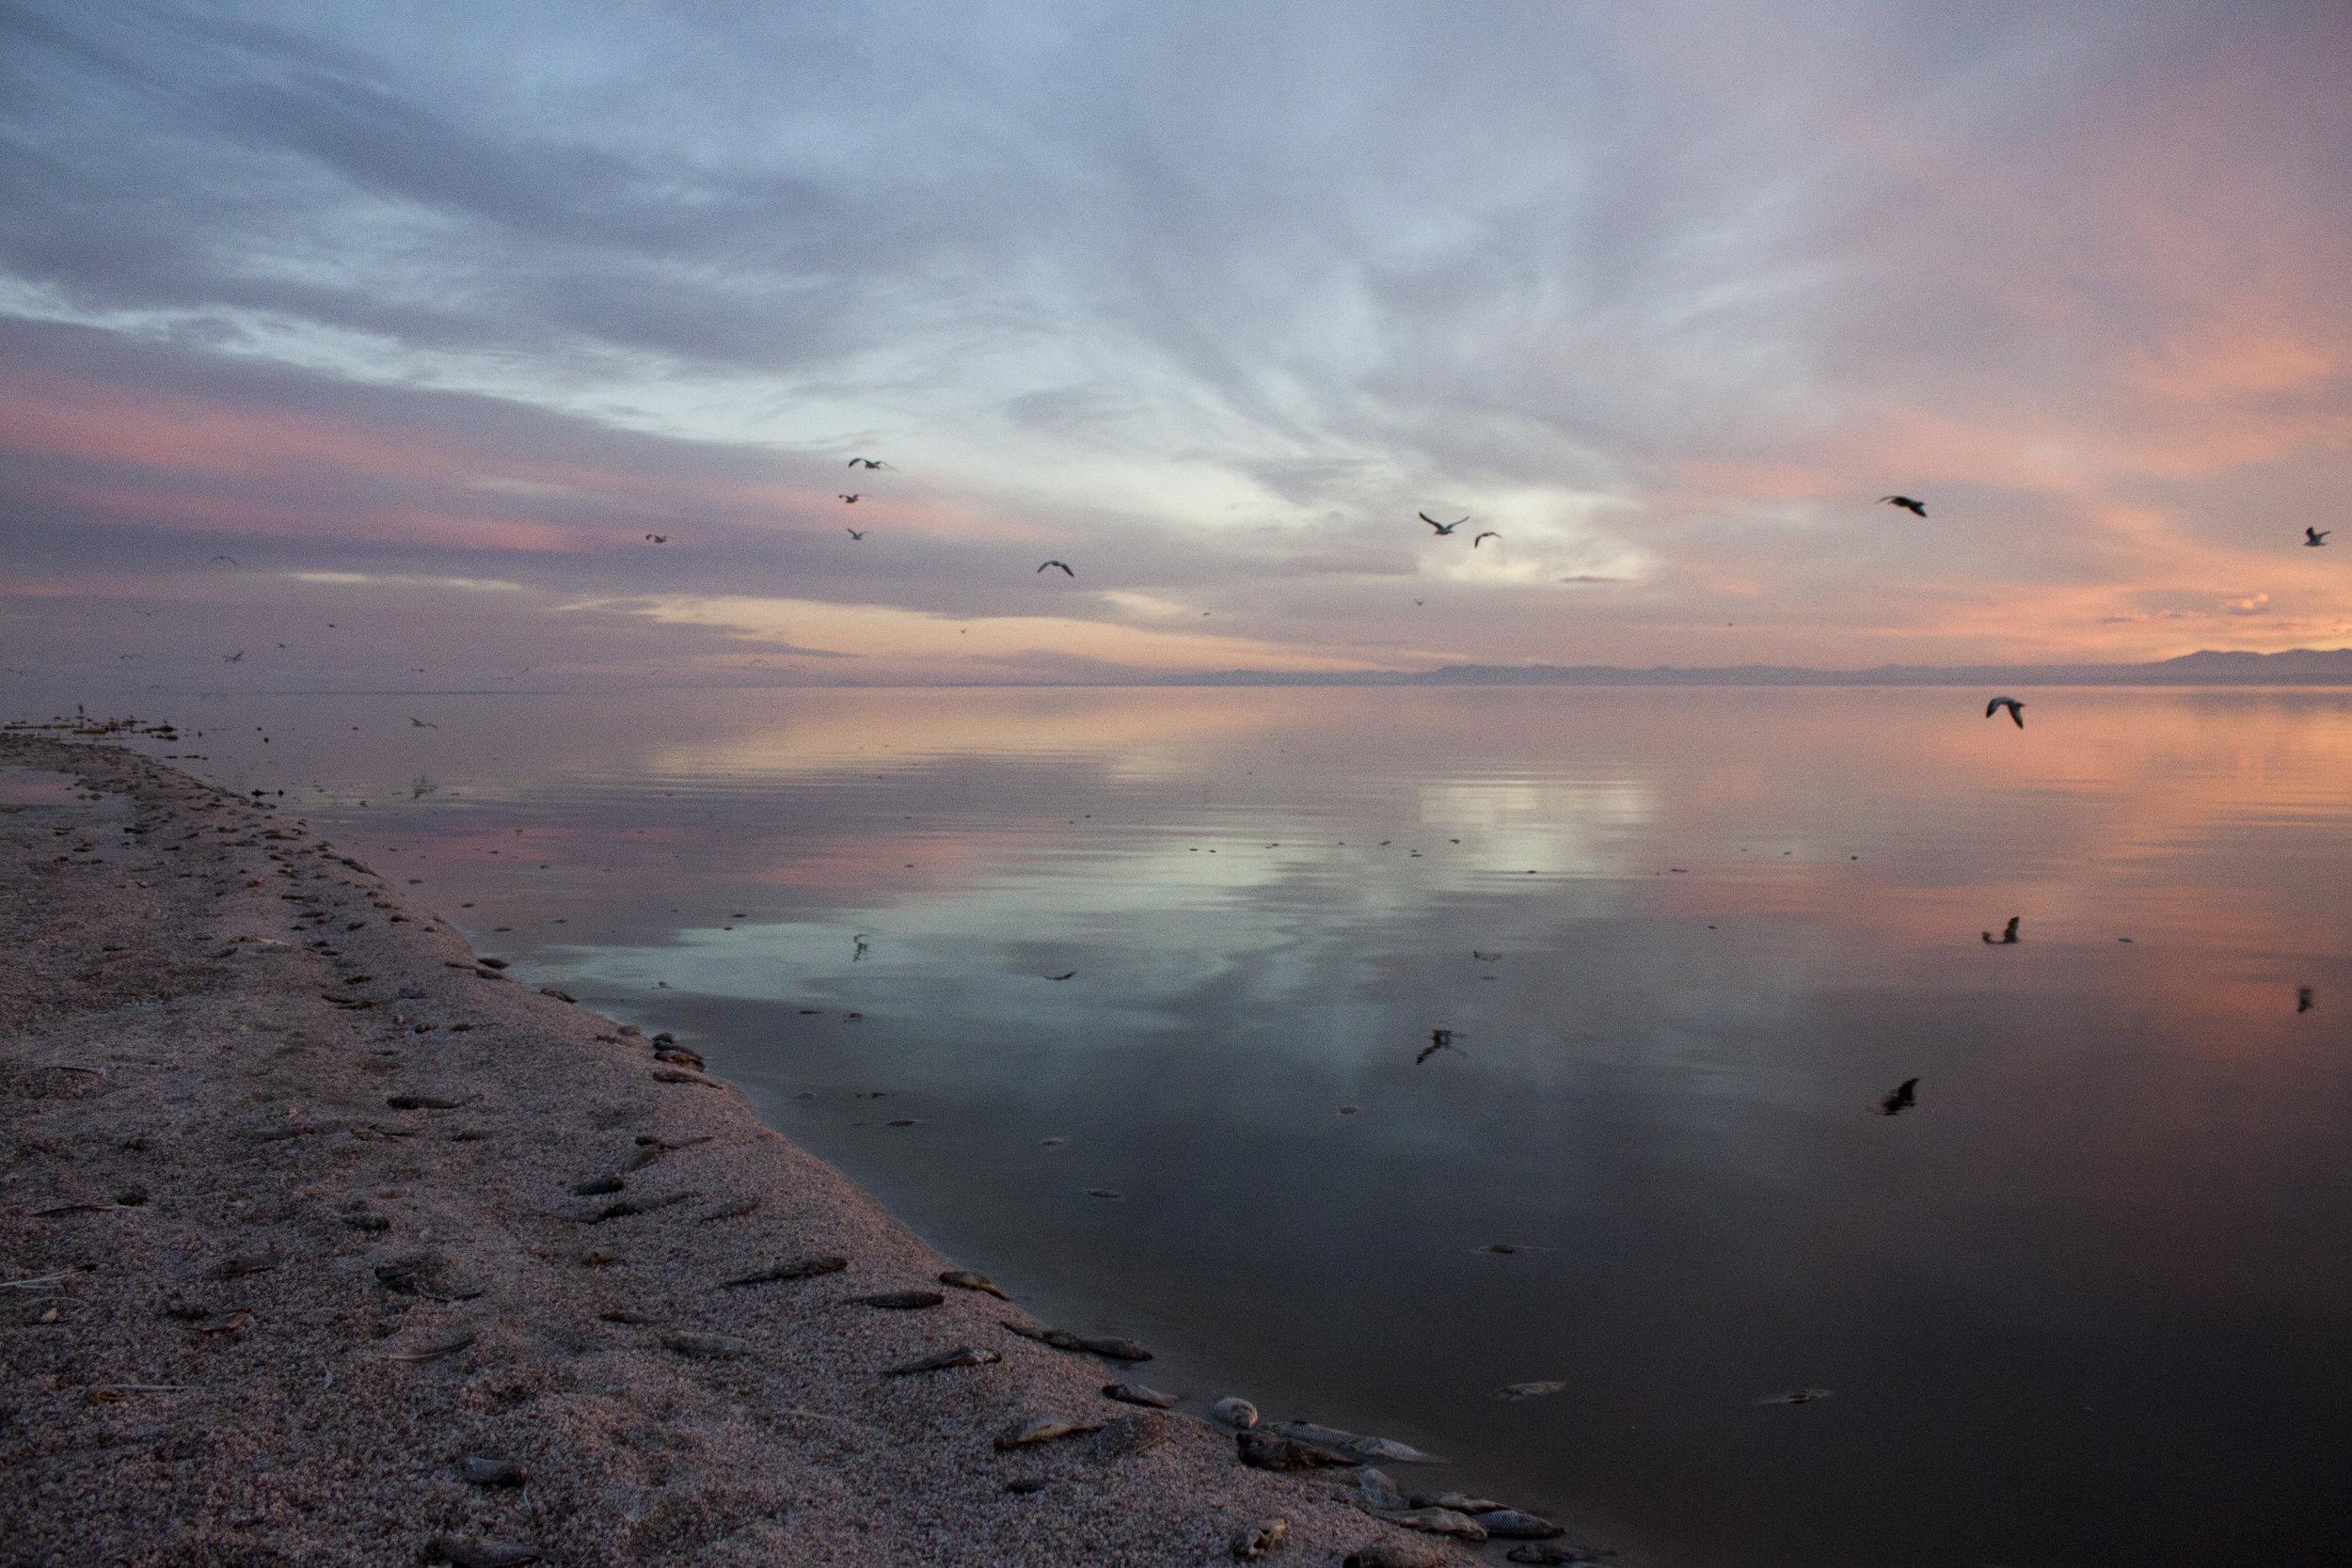 Sunset at the Salton Sea, Mecca, California